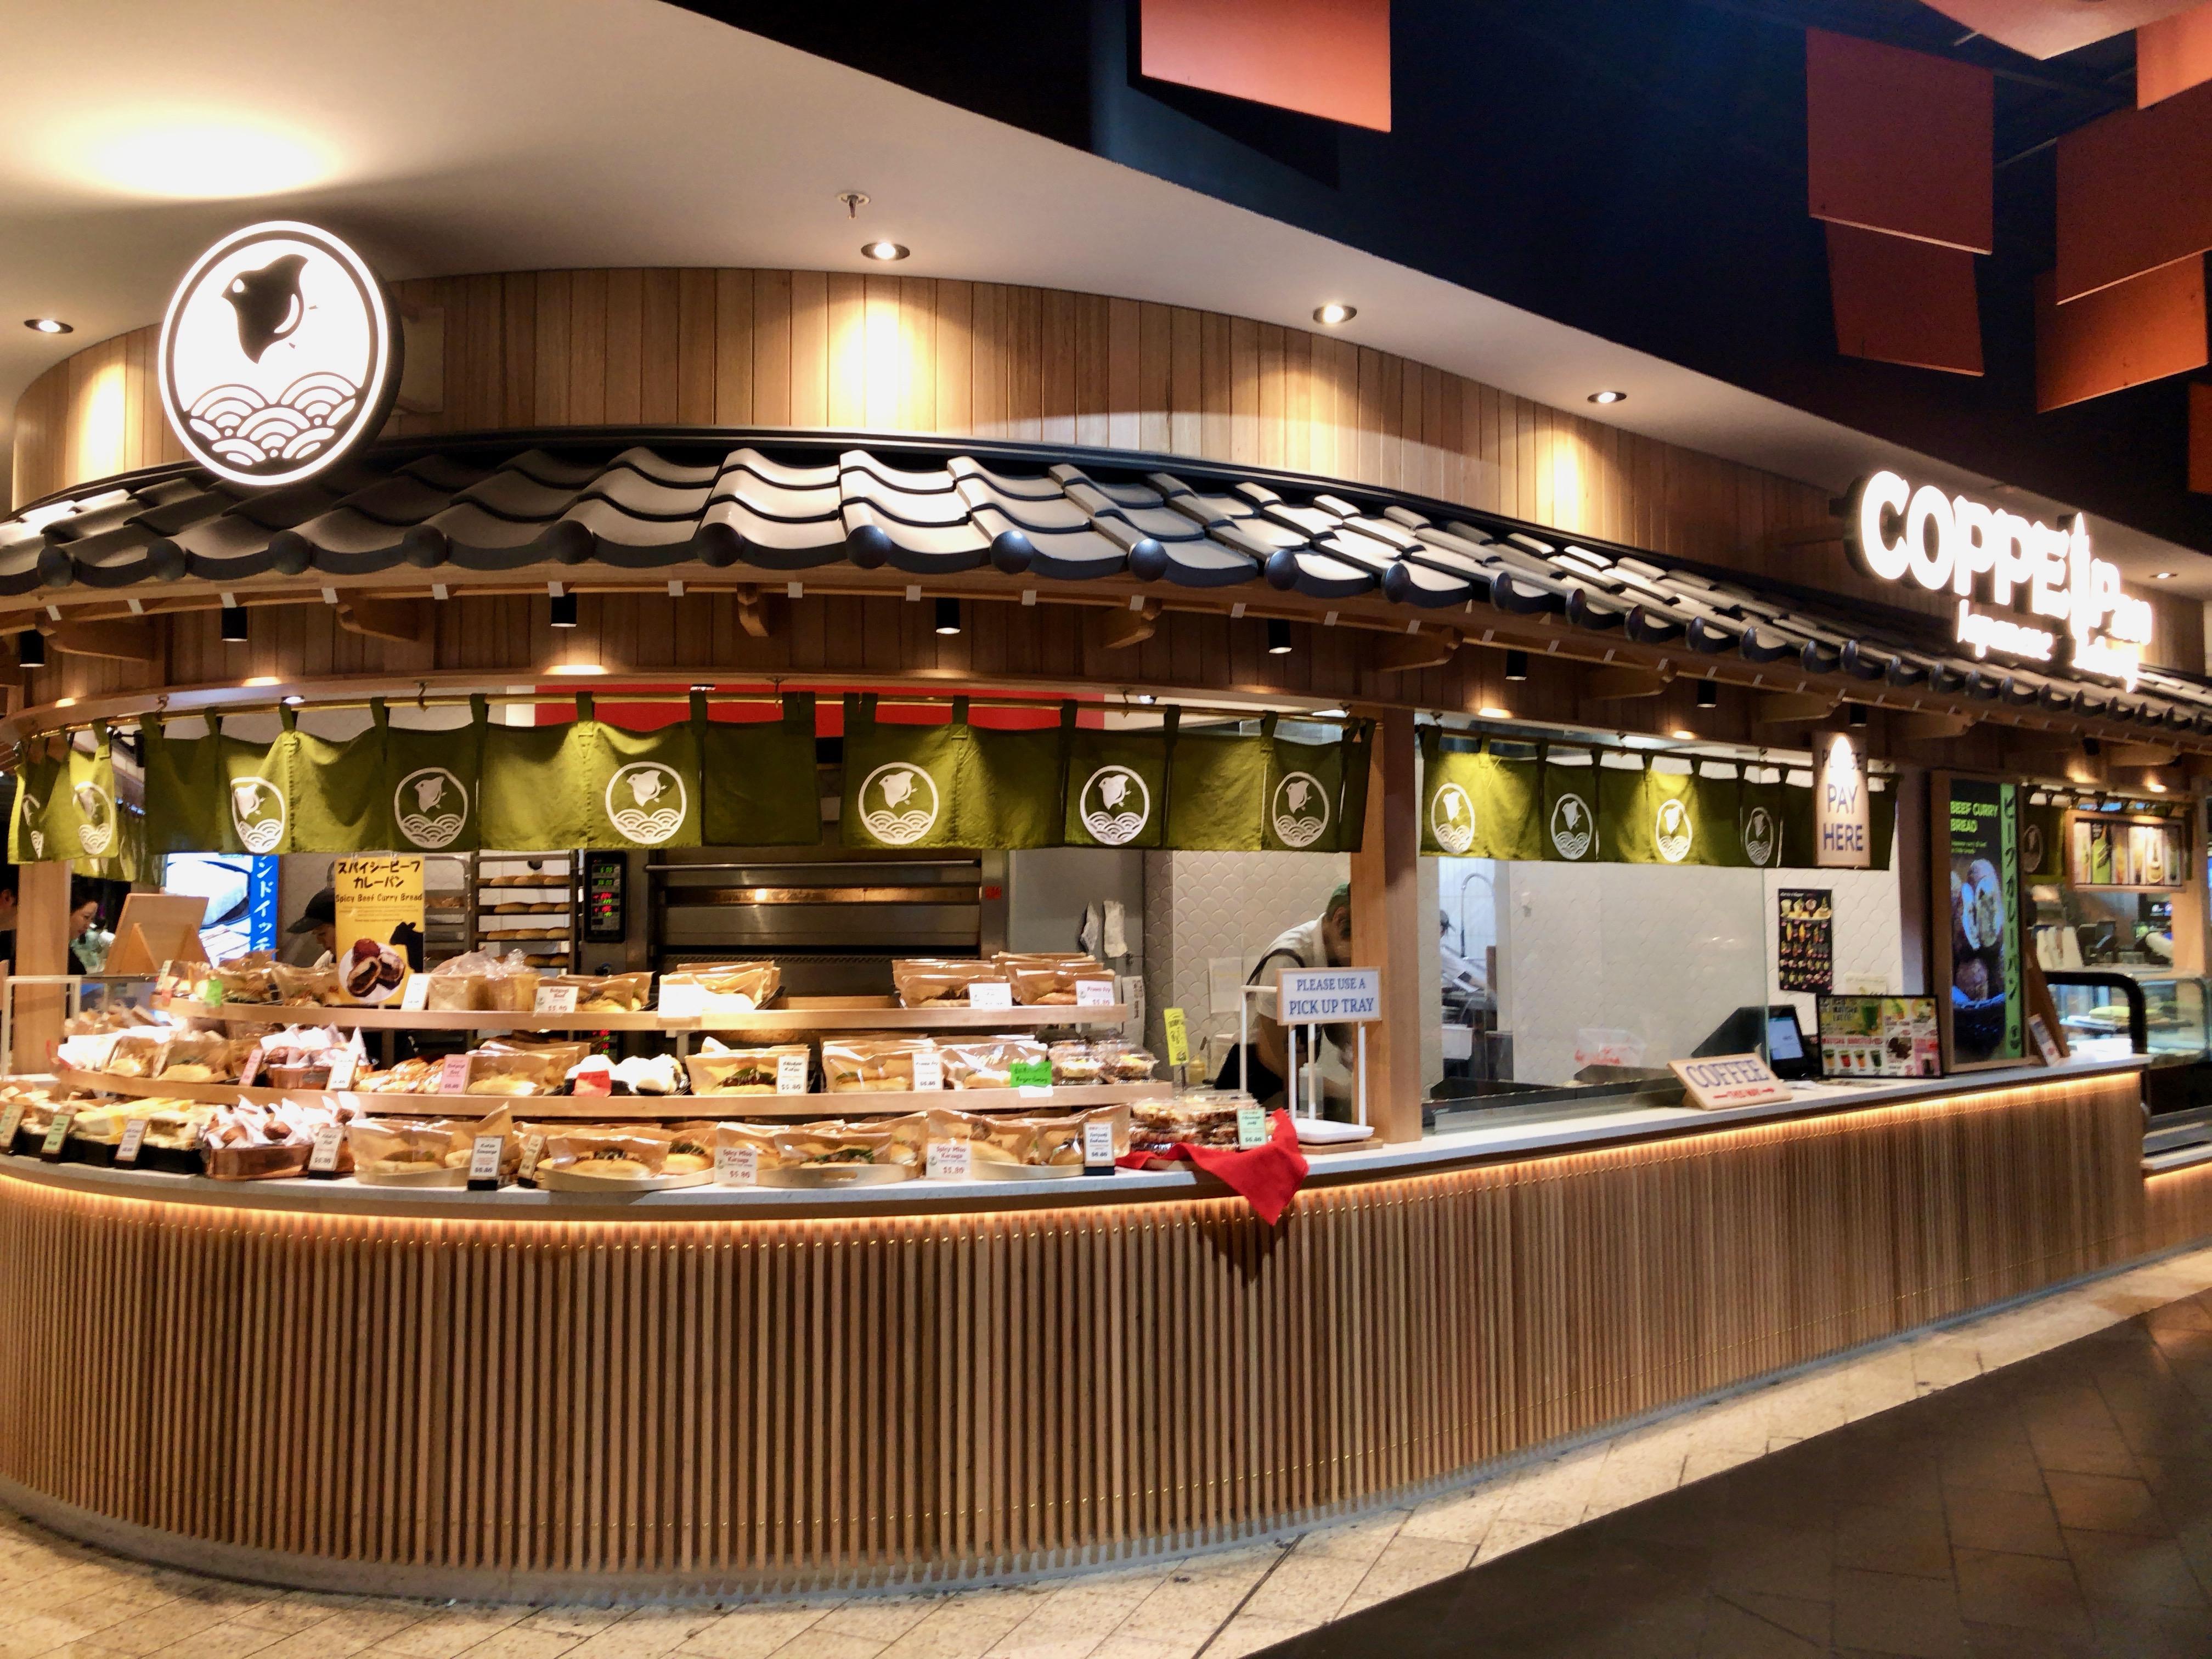 セントラルショッピングセンター,メルボルン,中心,オーストラリア,一人旅,女性,coppepan